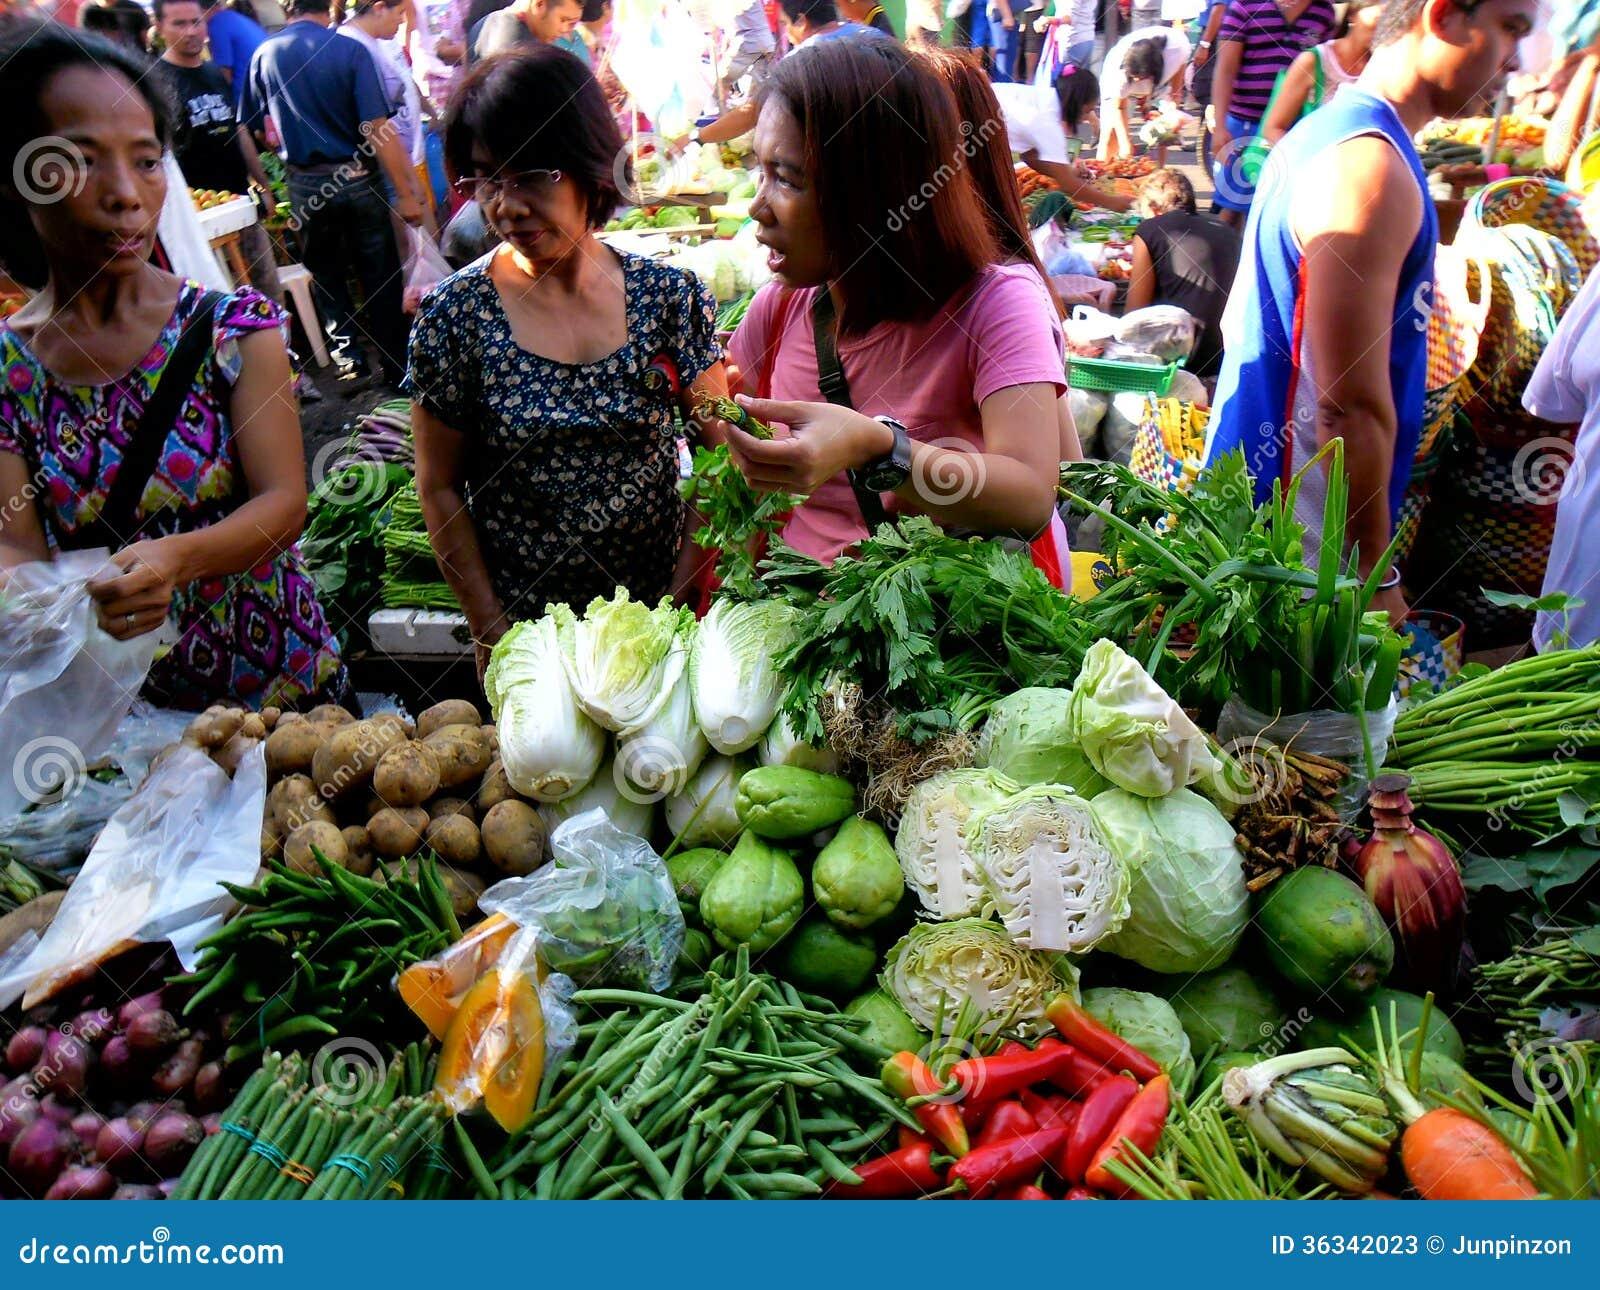 Os consumidores compram de um vendedor vegetal em um mercado em Cainta, Rizal, Filipinas, Ásia